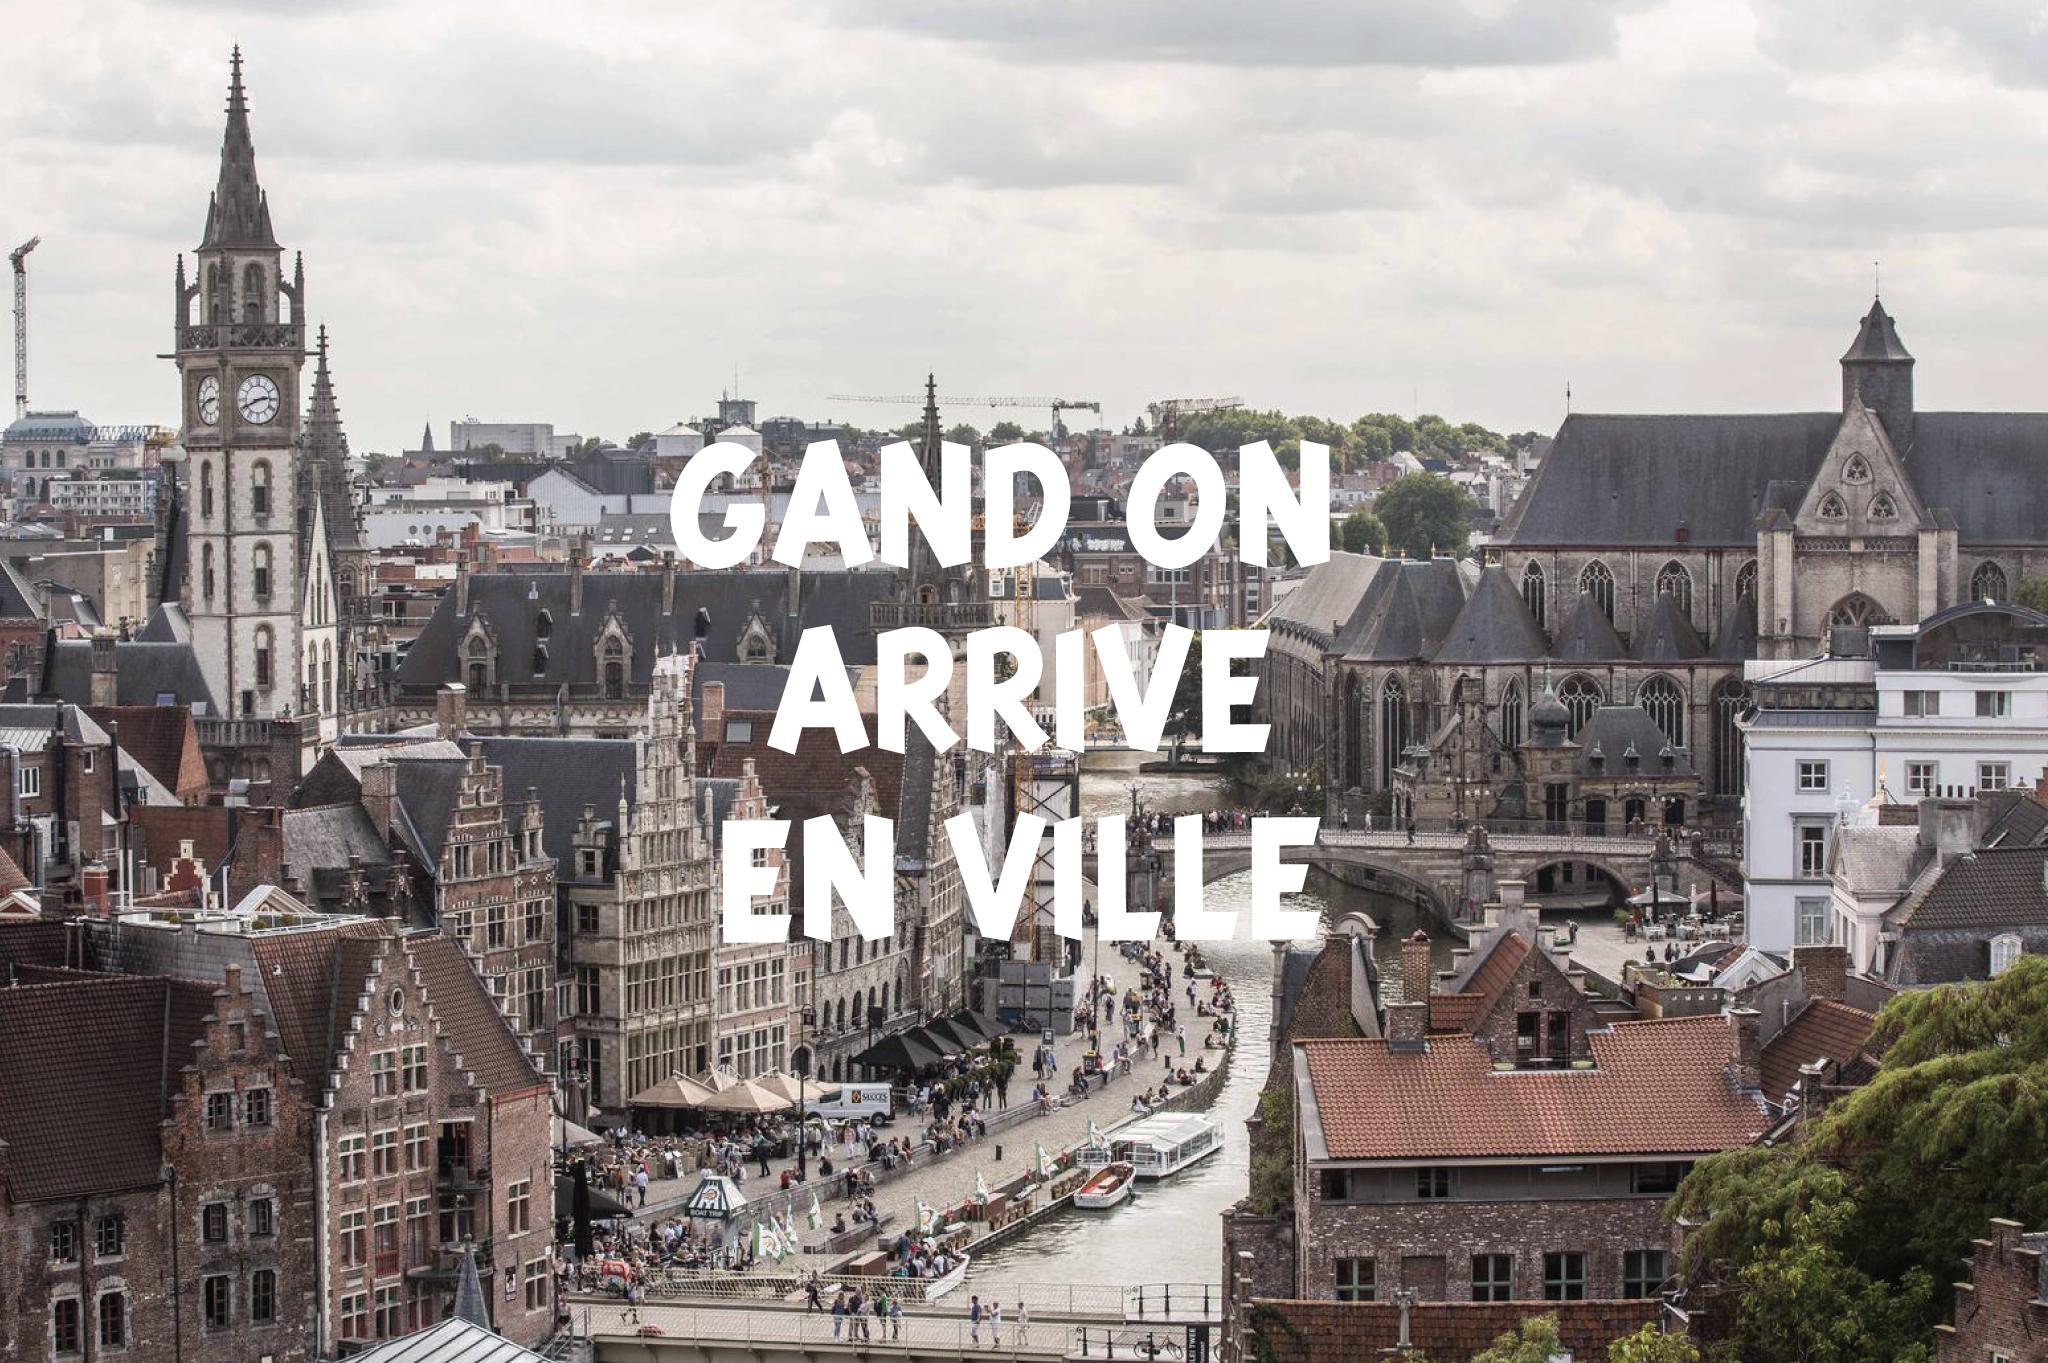 Gand on arrive en ville, guide du supporter à Gand